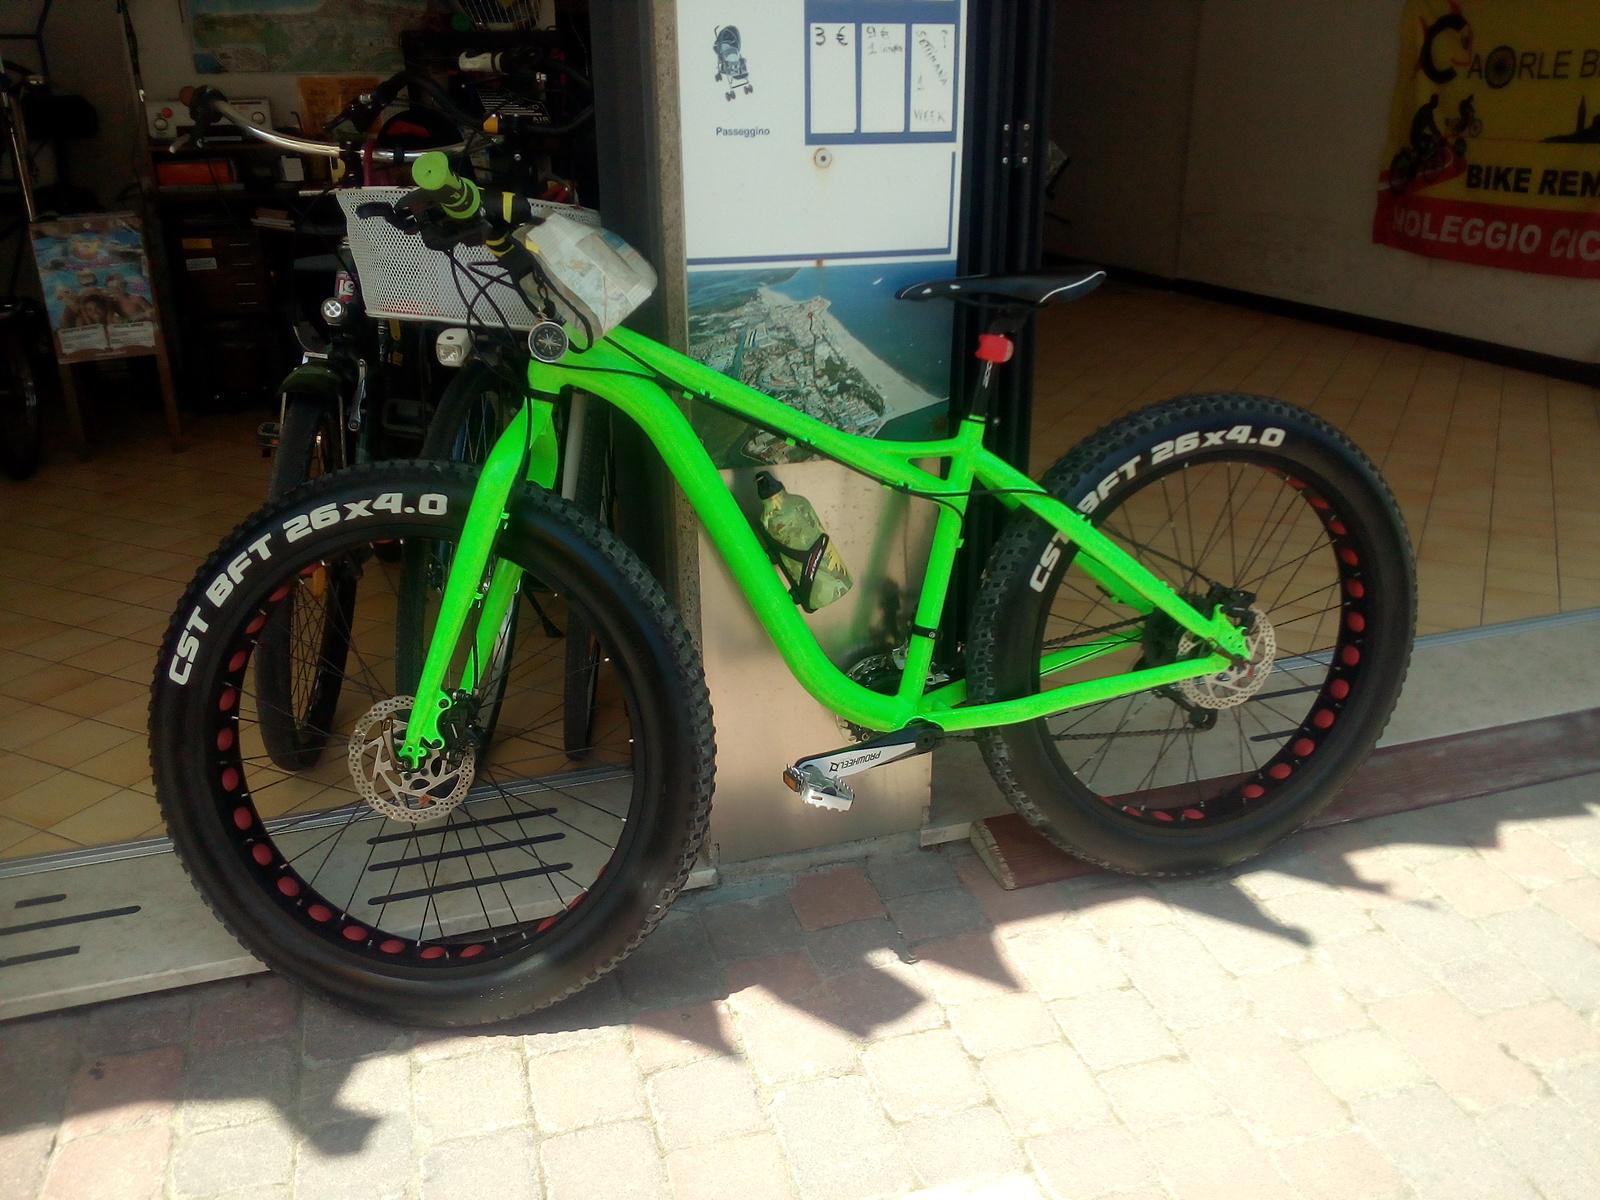 Caorle Noleggio Cicli Caorlebike Bike Rental Risciò